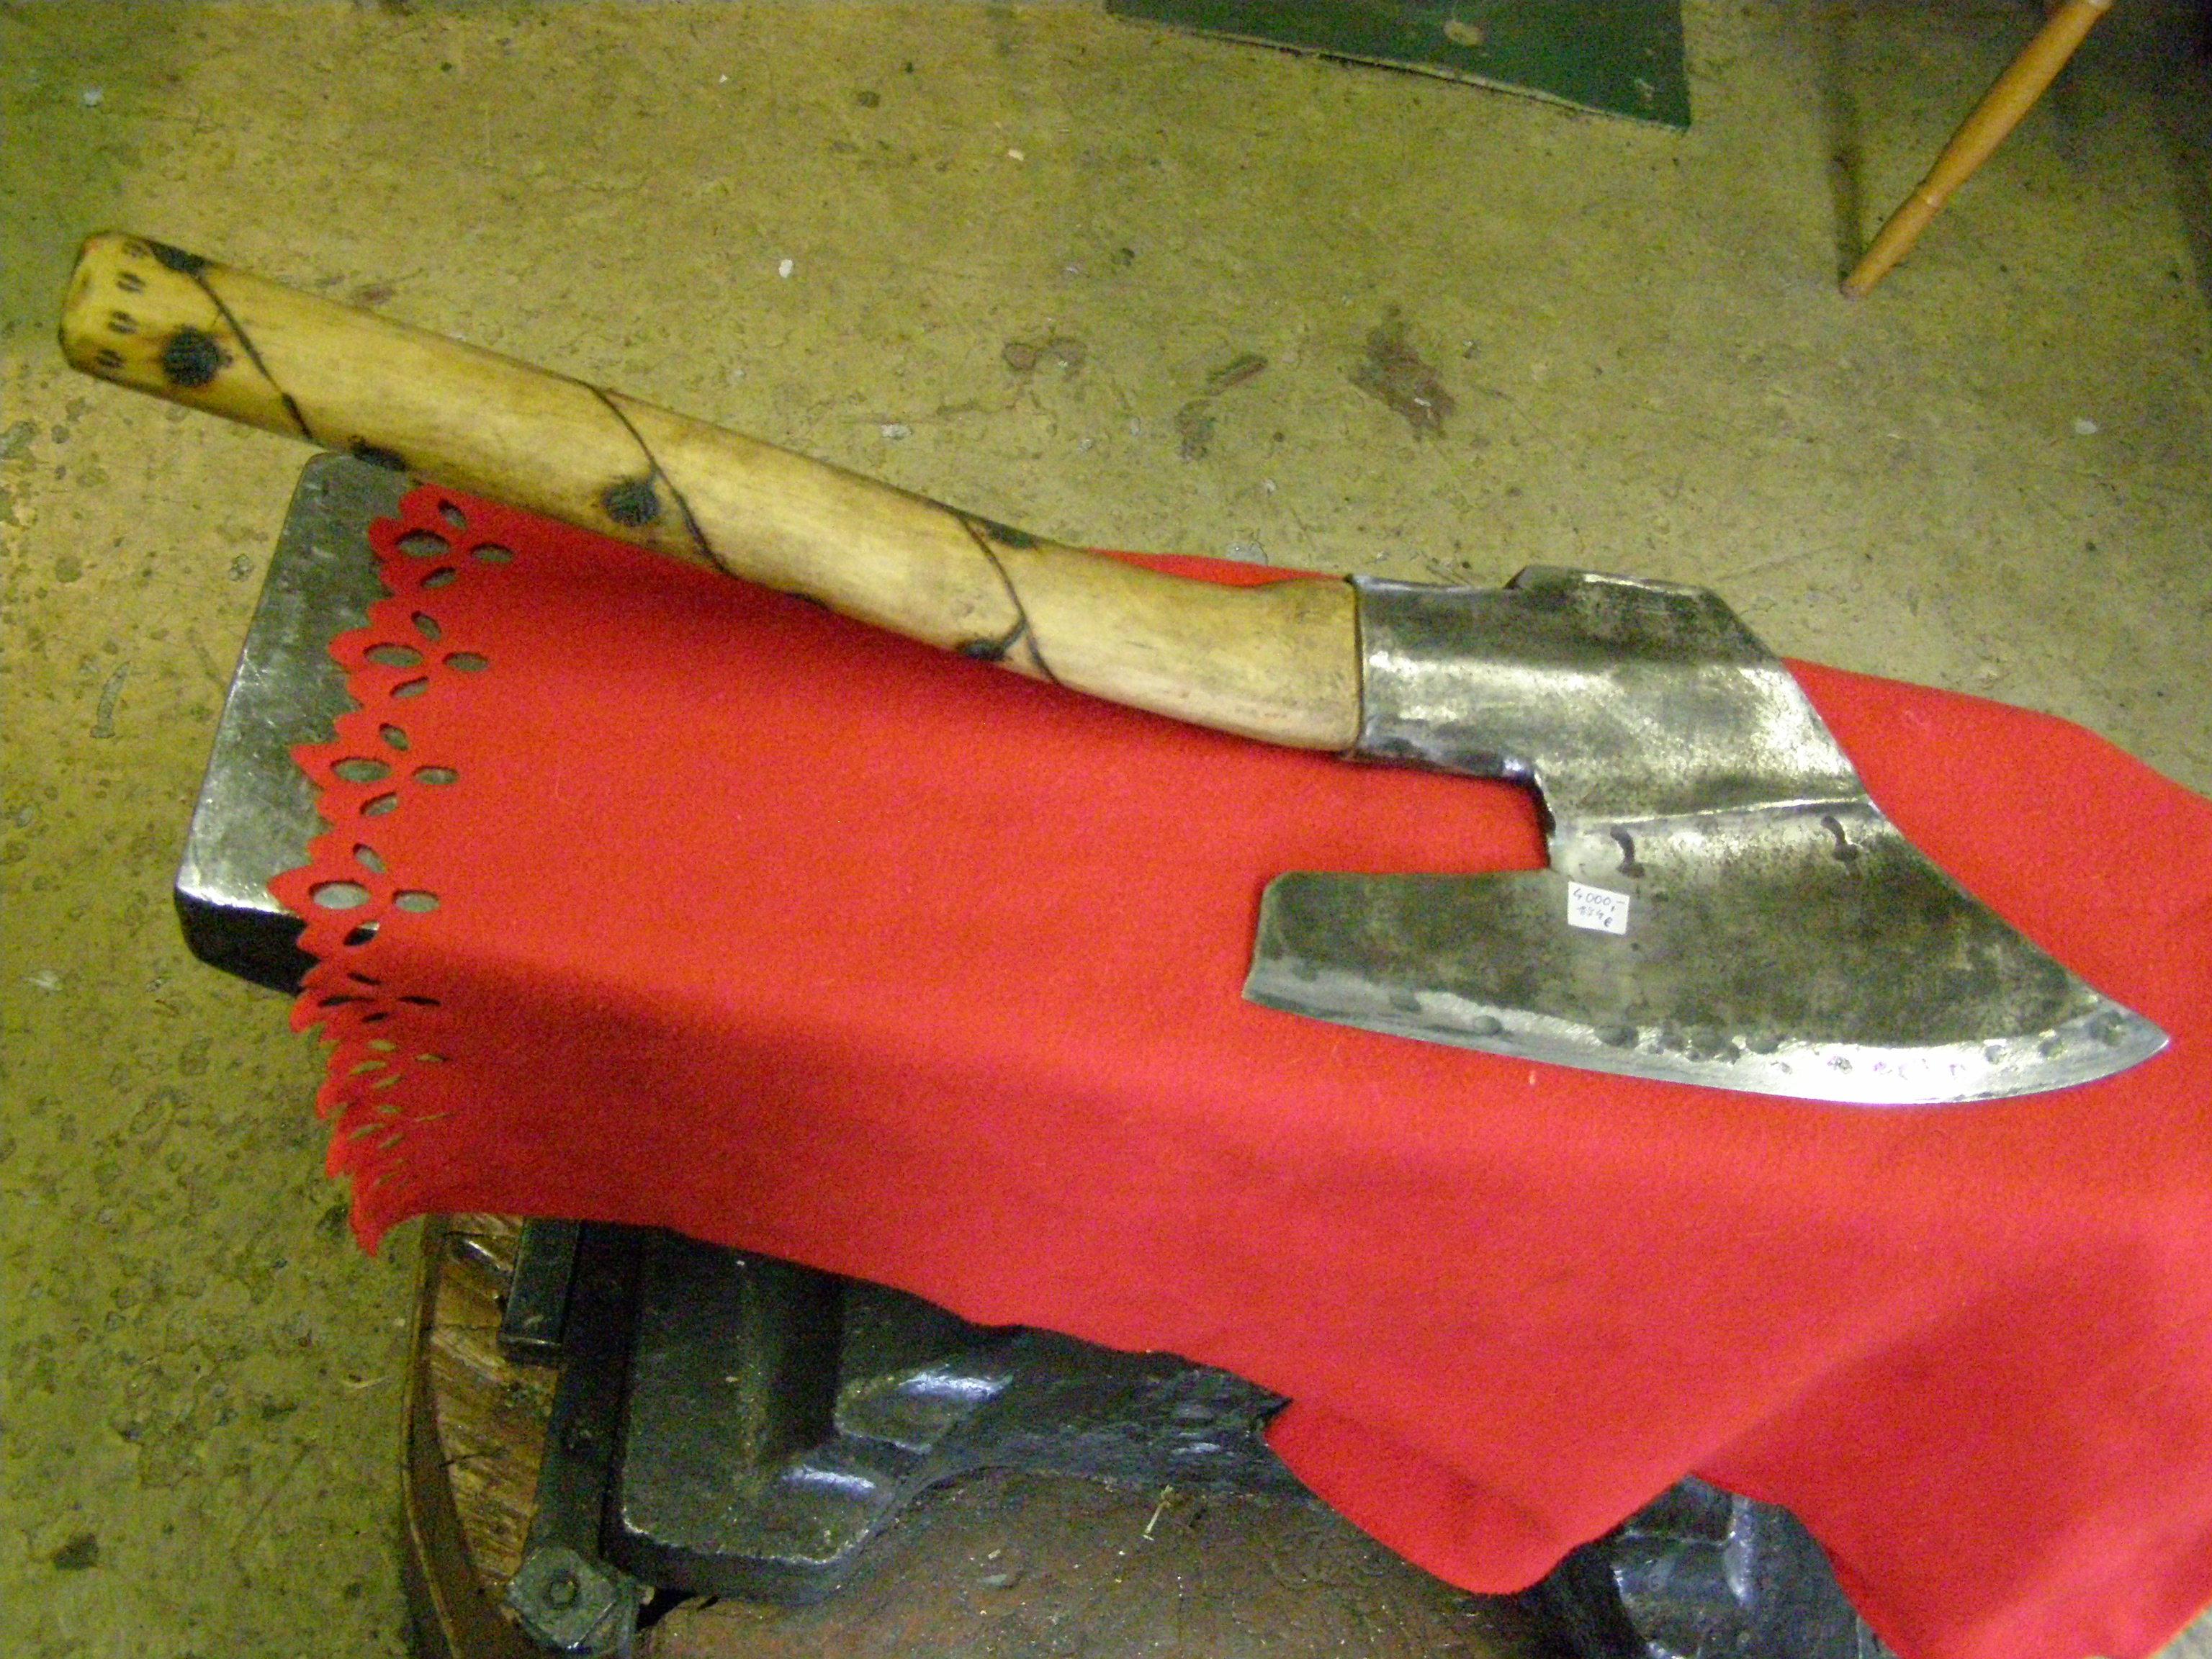 fa5c4ec4738 sekera kovaná tesařská širočina menší - Kovárna Grygar